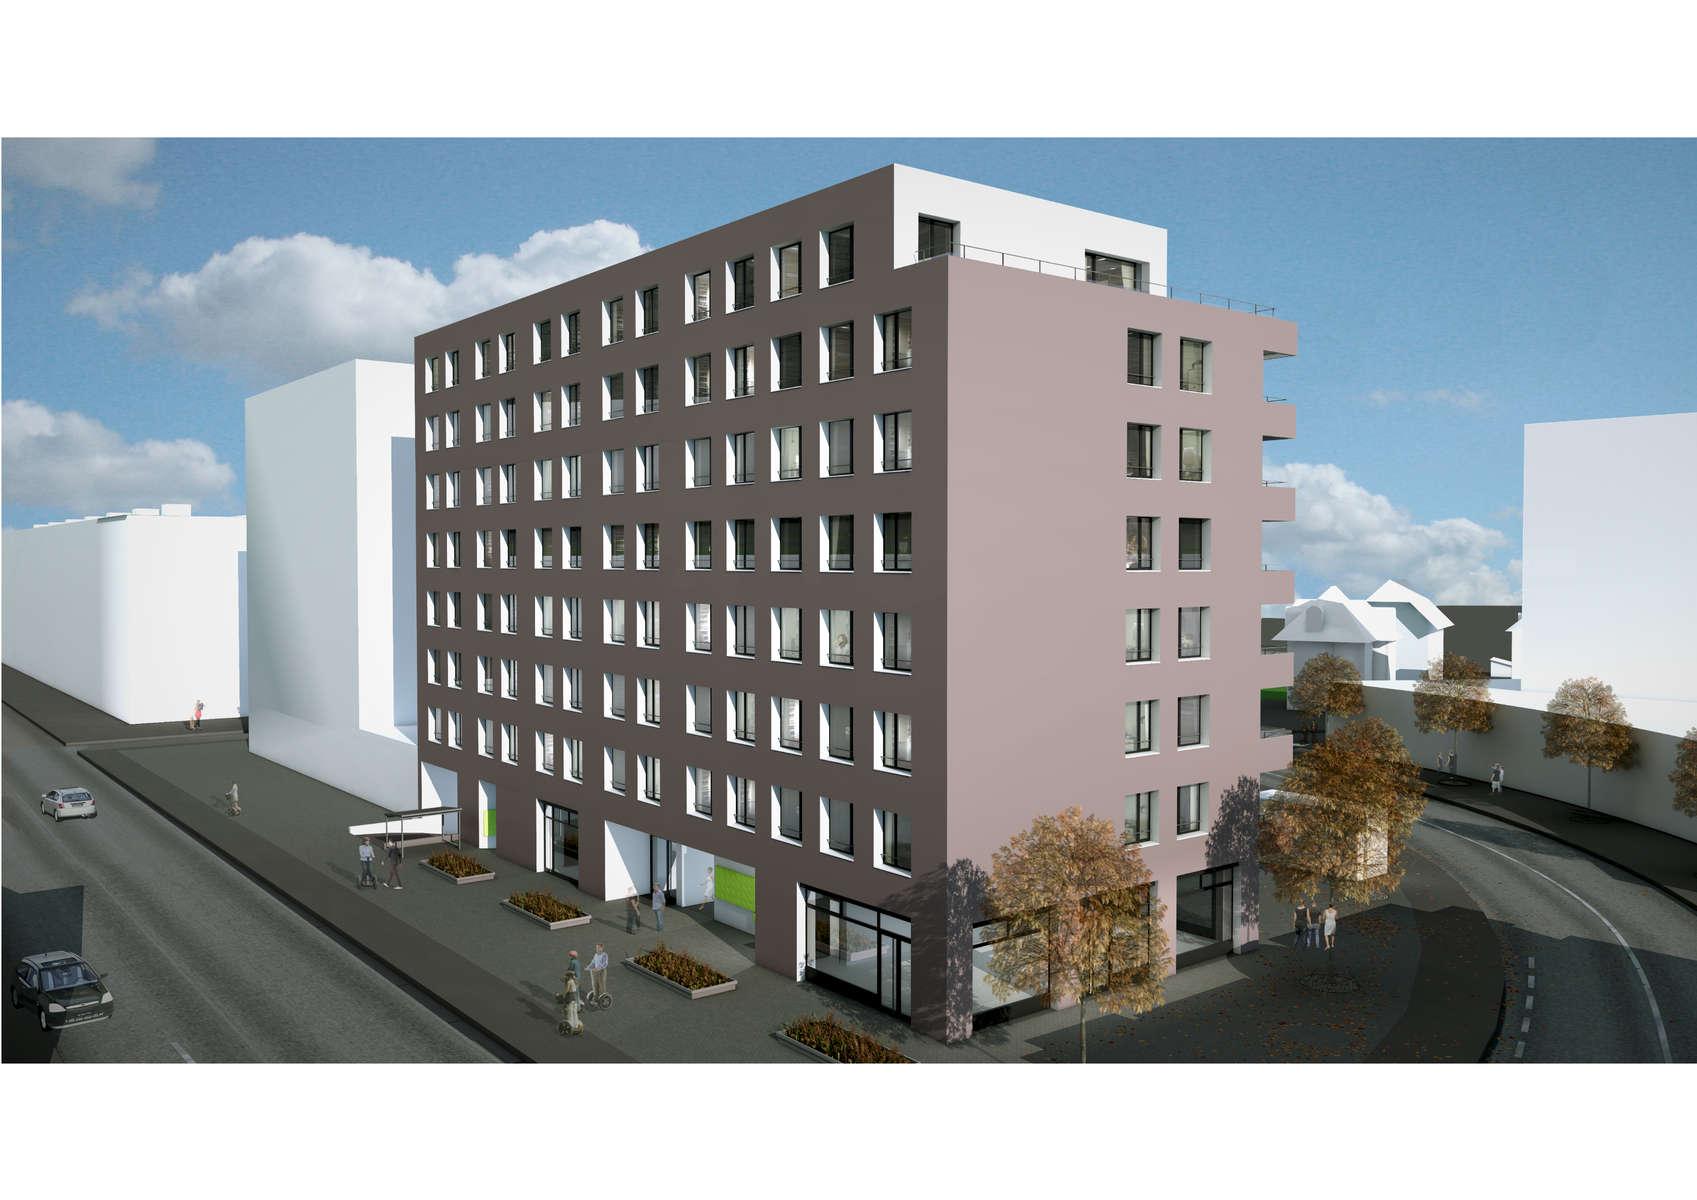 (ris-chabloz 2011-2017)Projet: Construction de bâtiments de logements et parking souterrainGenève - SuisseSurface: 5'159 m2 SBPChef de projet:Antoine RisMandat: Projet et réalisation